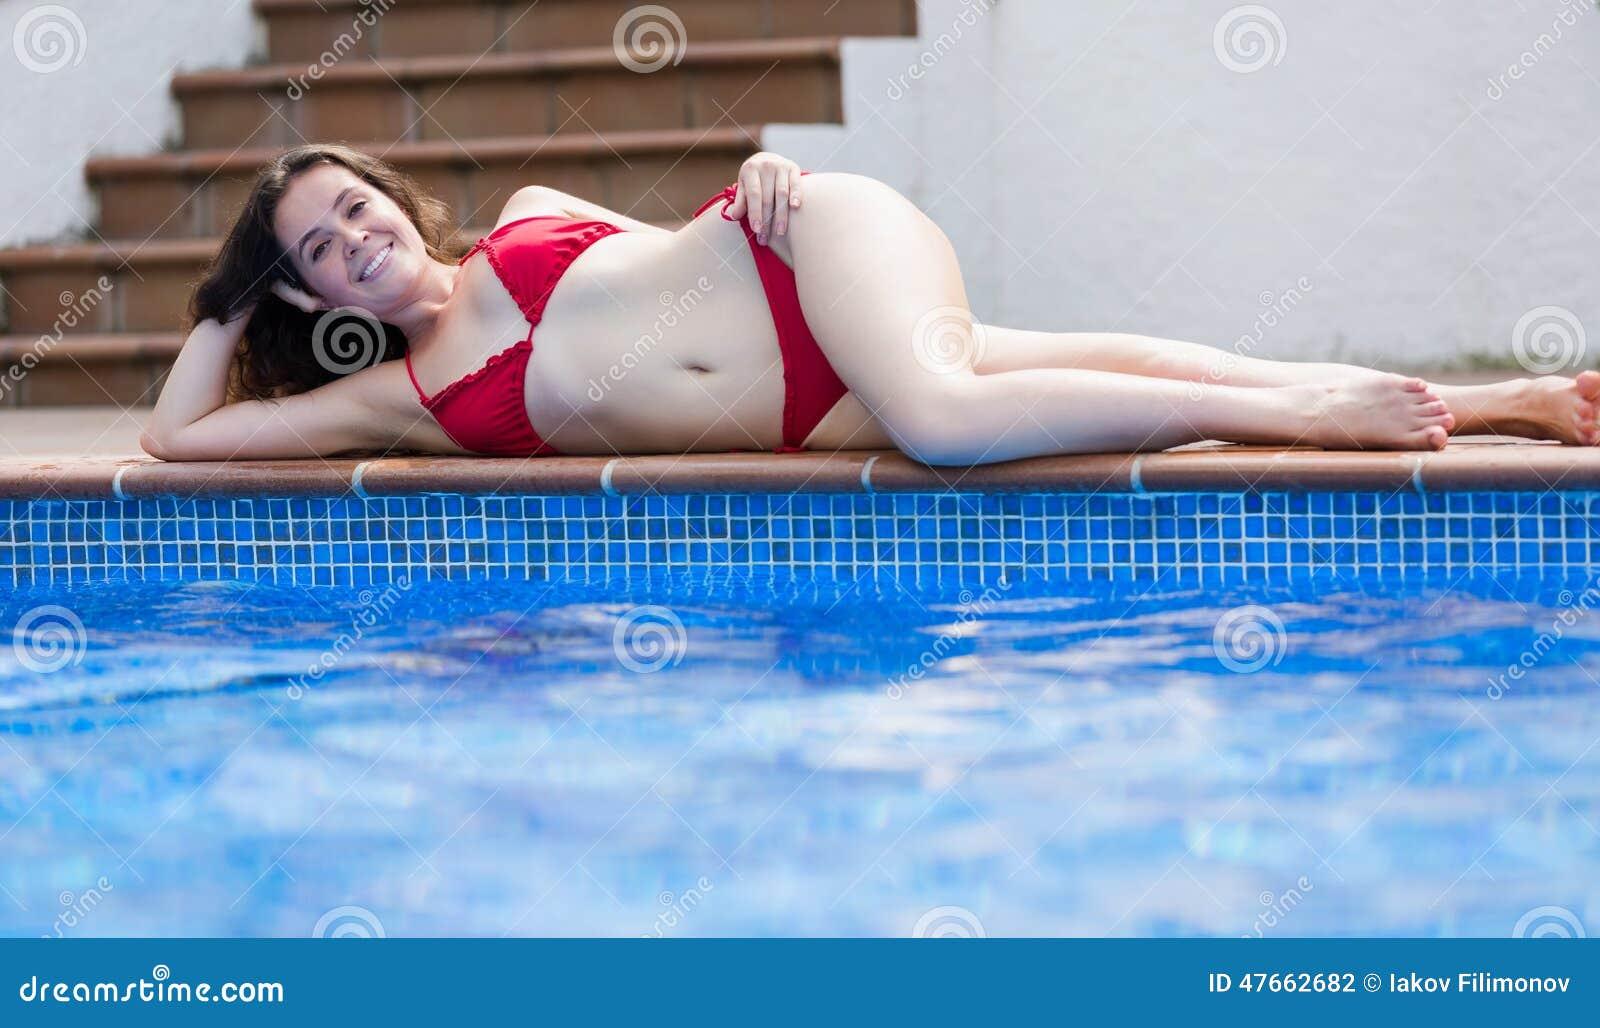 Junges Mädchen entspannen sich nahe Swimmingpool